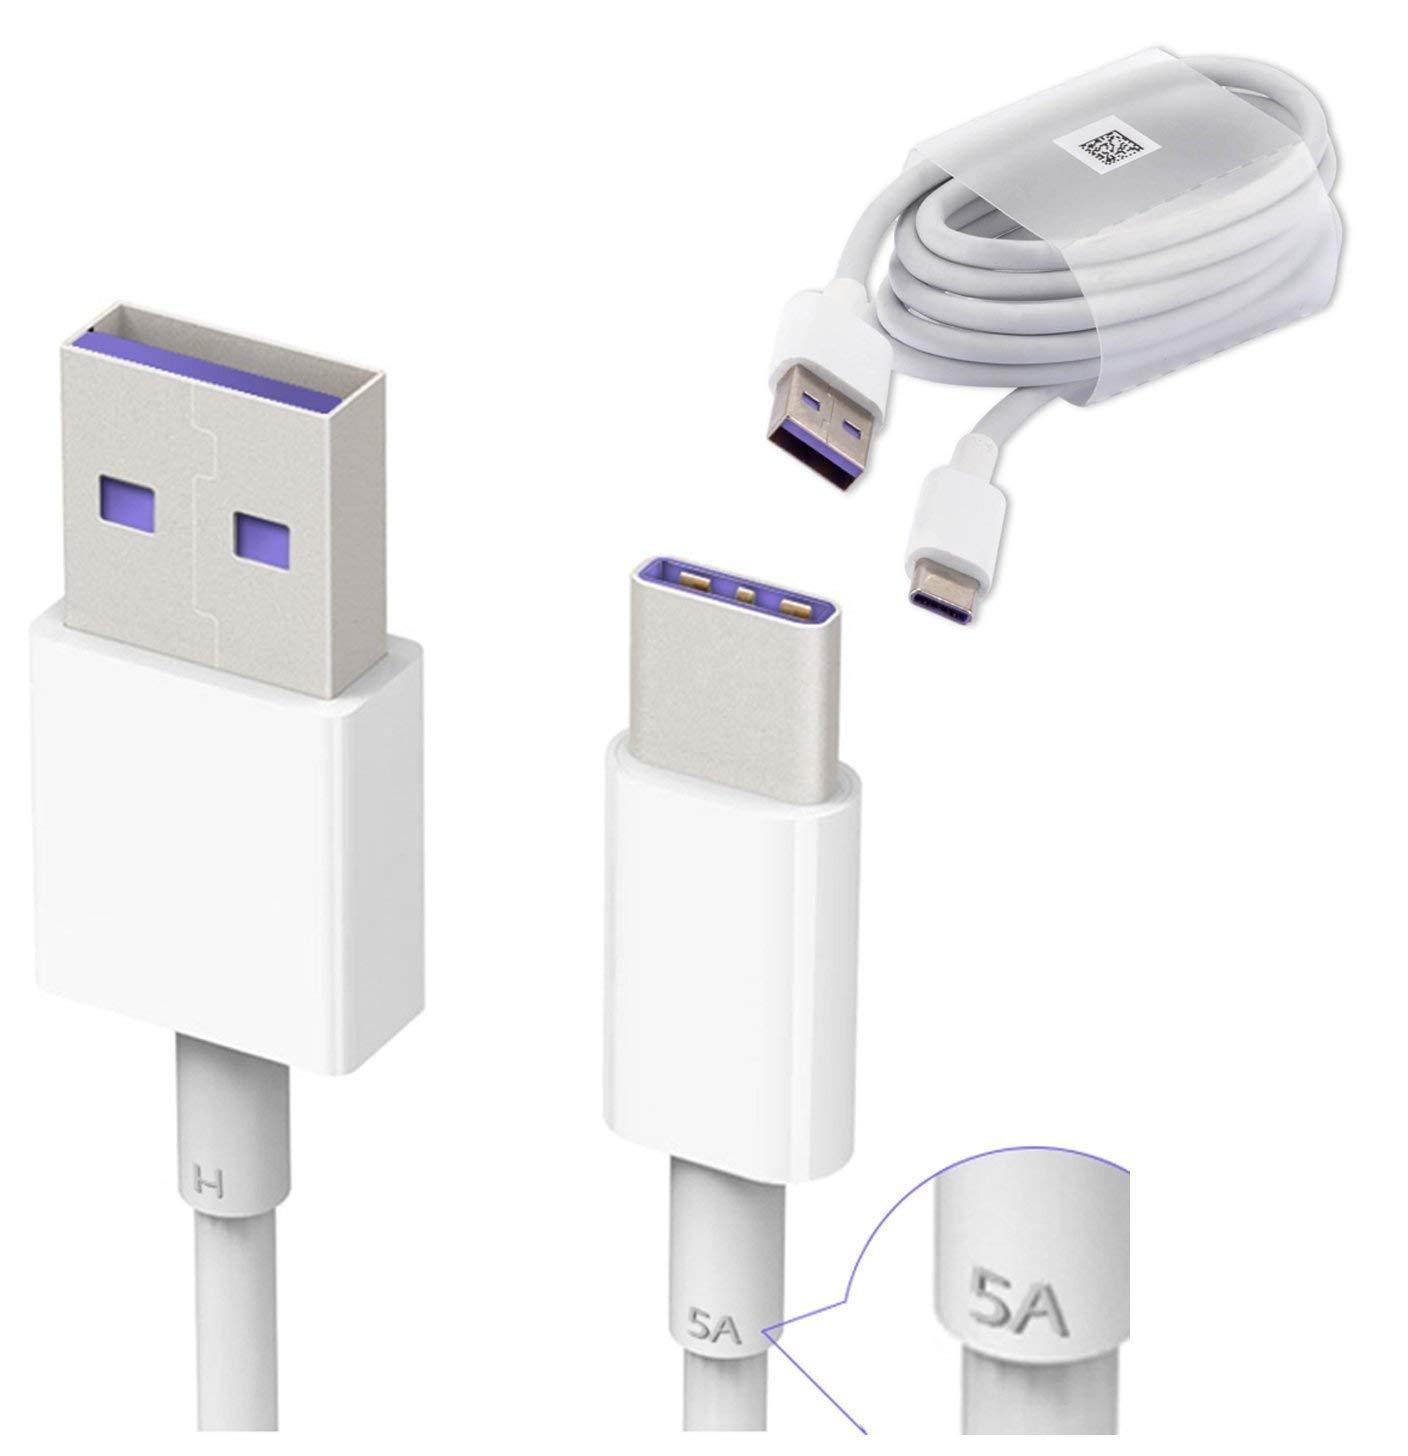 Huawei HL1289 5A USB 3.1 Tipo C Superfast Cable de datos de carga para Huawei P9/P9 Plus/P10/P10 Plus/Mate 9/Nova/Nova 2 – Color blanco (empaquetado a ...